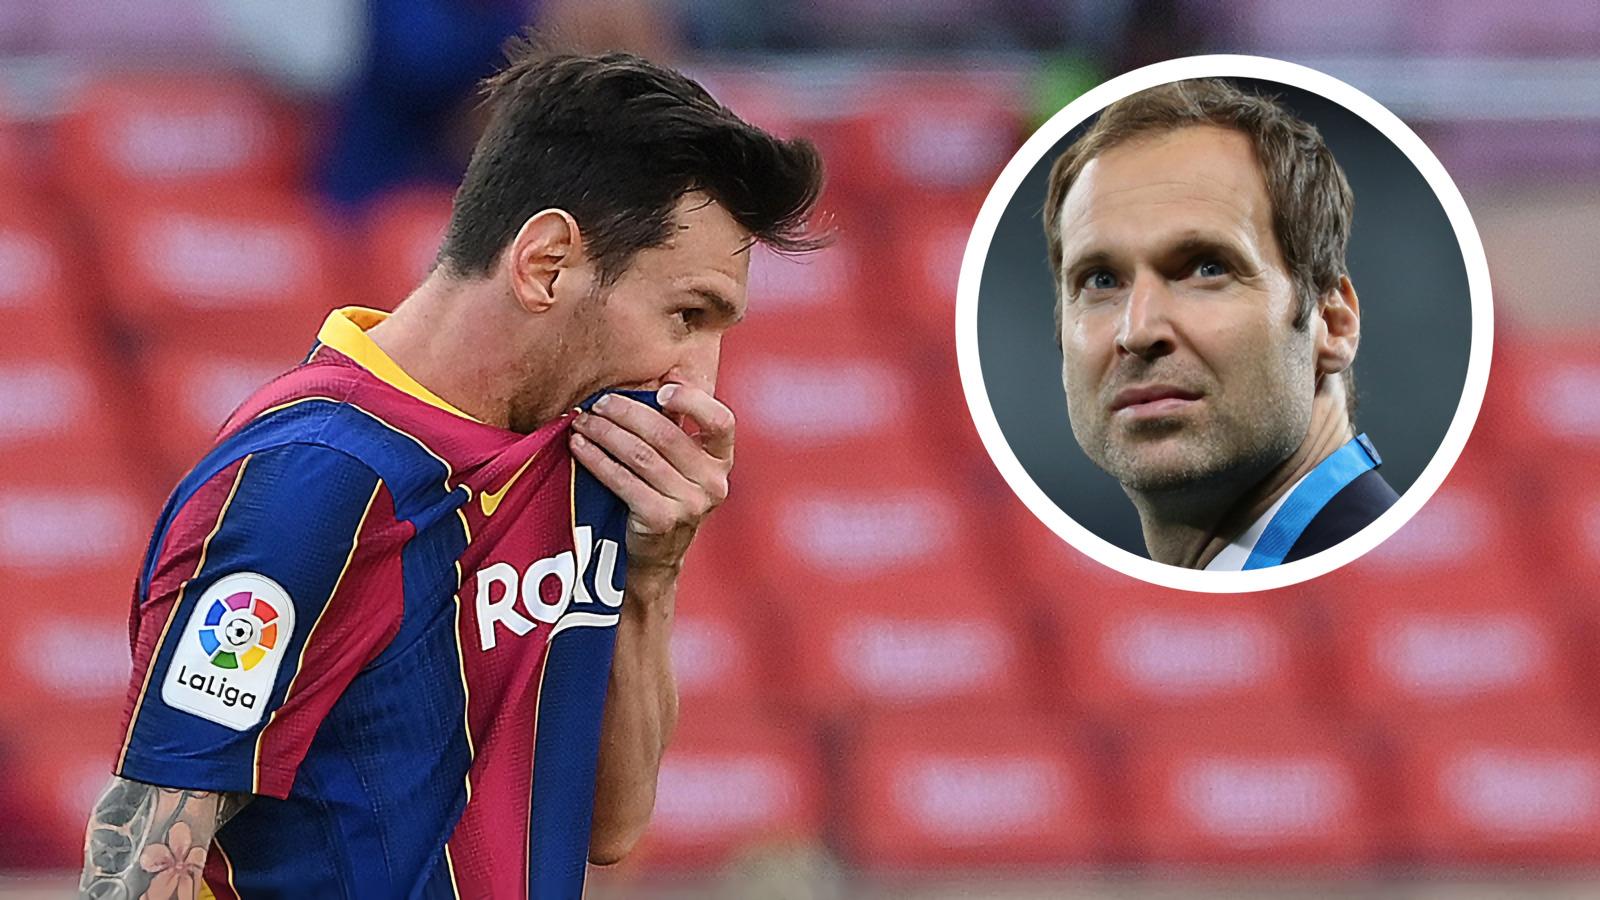 'Lionel Messi Butuh 10 Percobaan Untuk Bobol Saya' – Petr Cech Bahas Rivalitas Chelsea-Barcelona Di Liga Champions